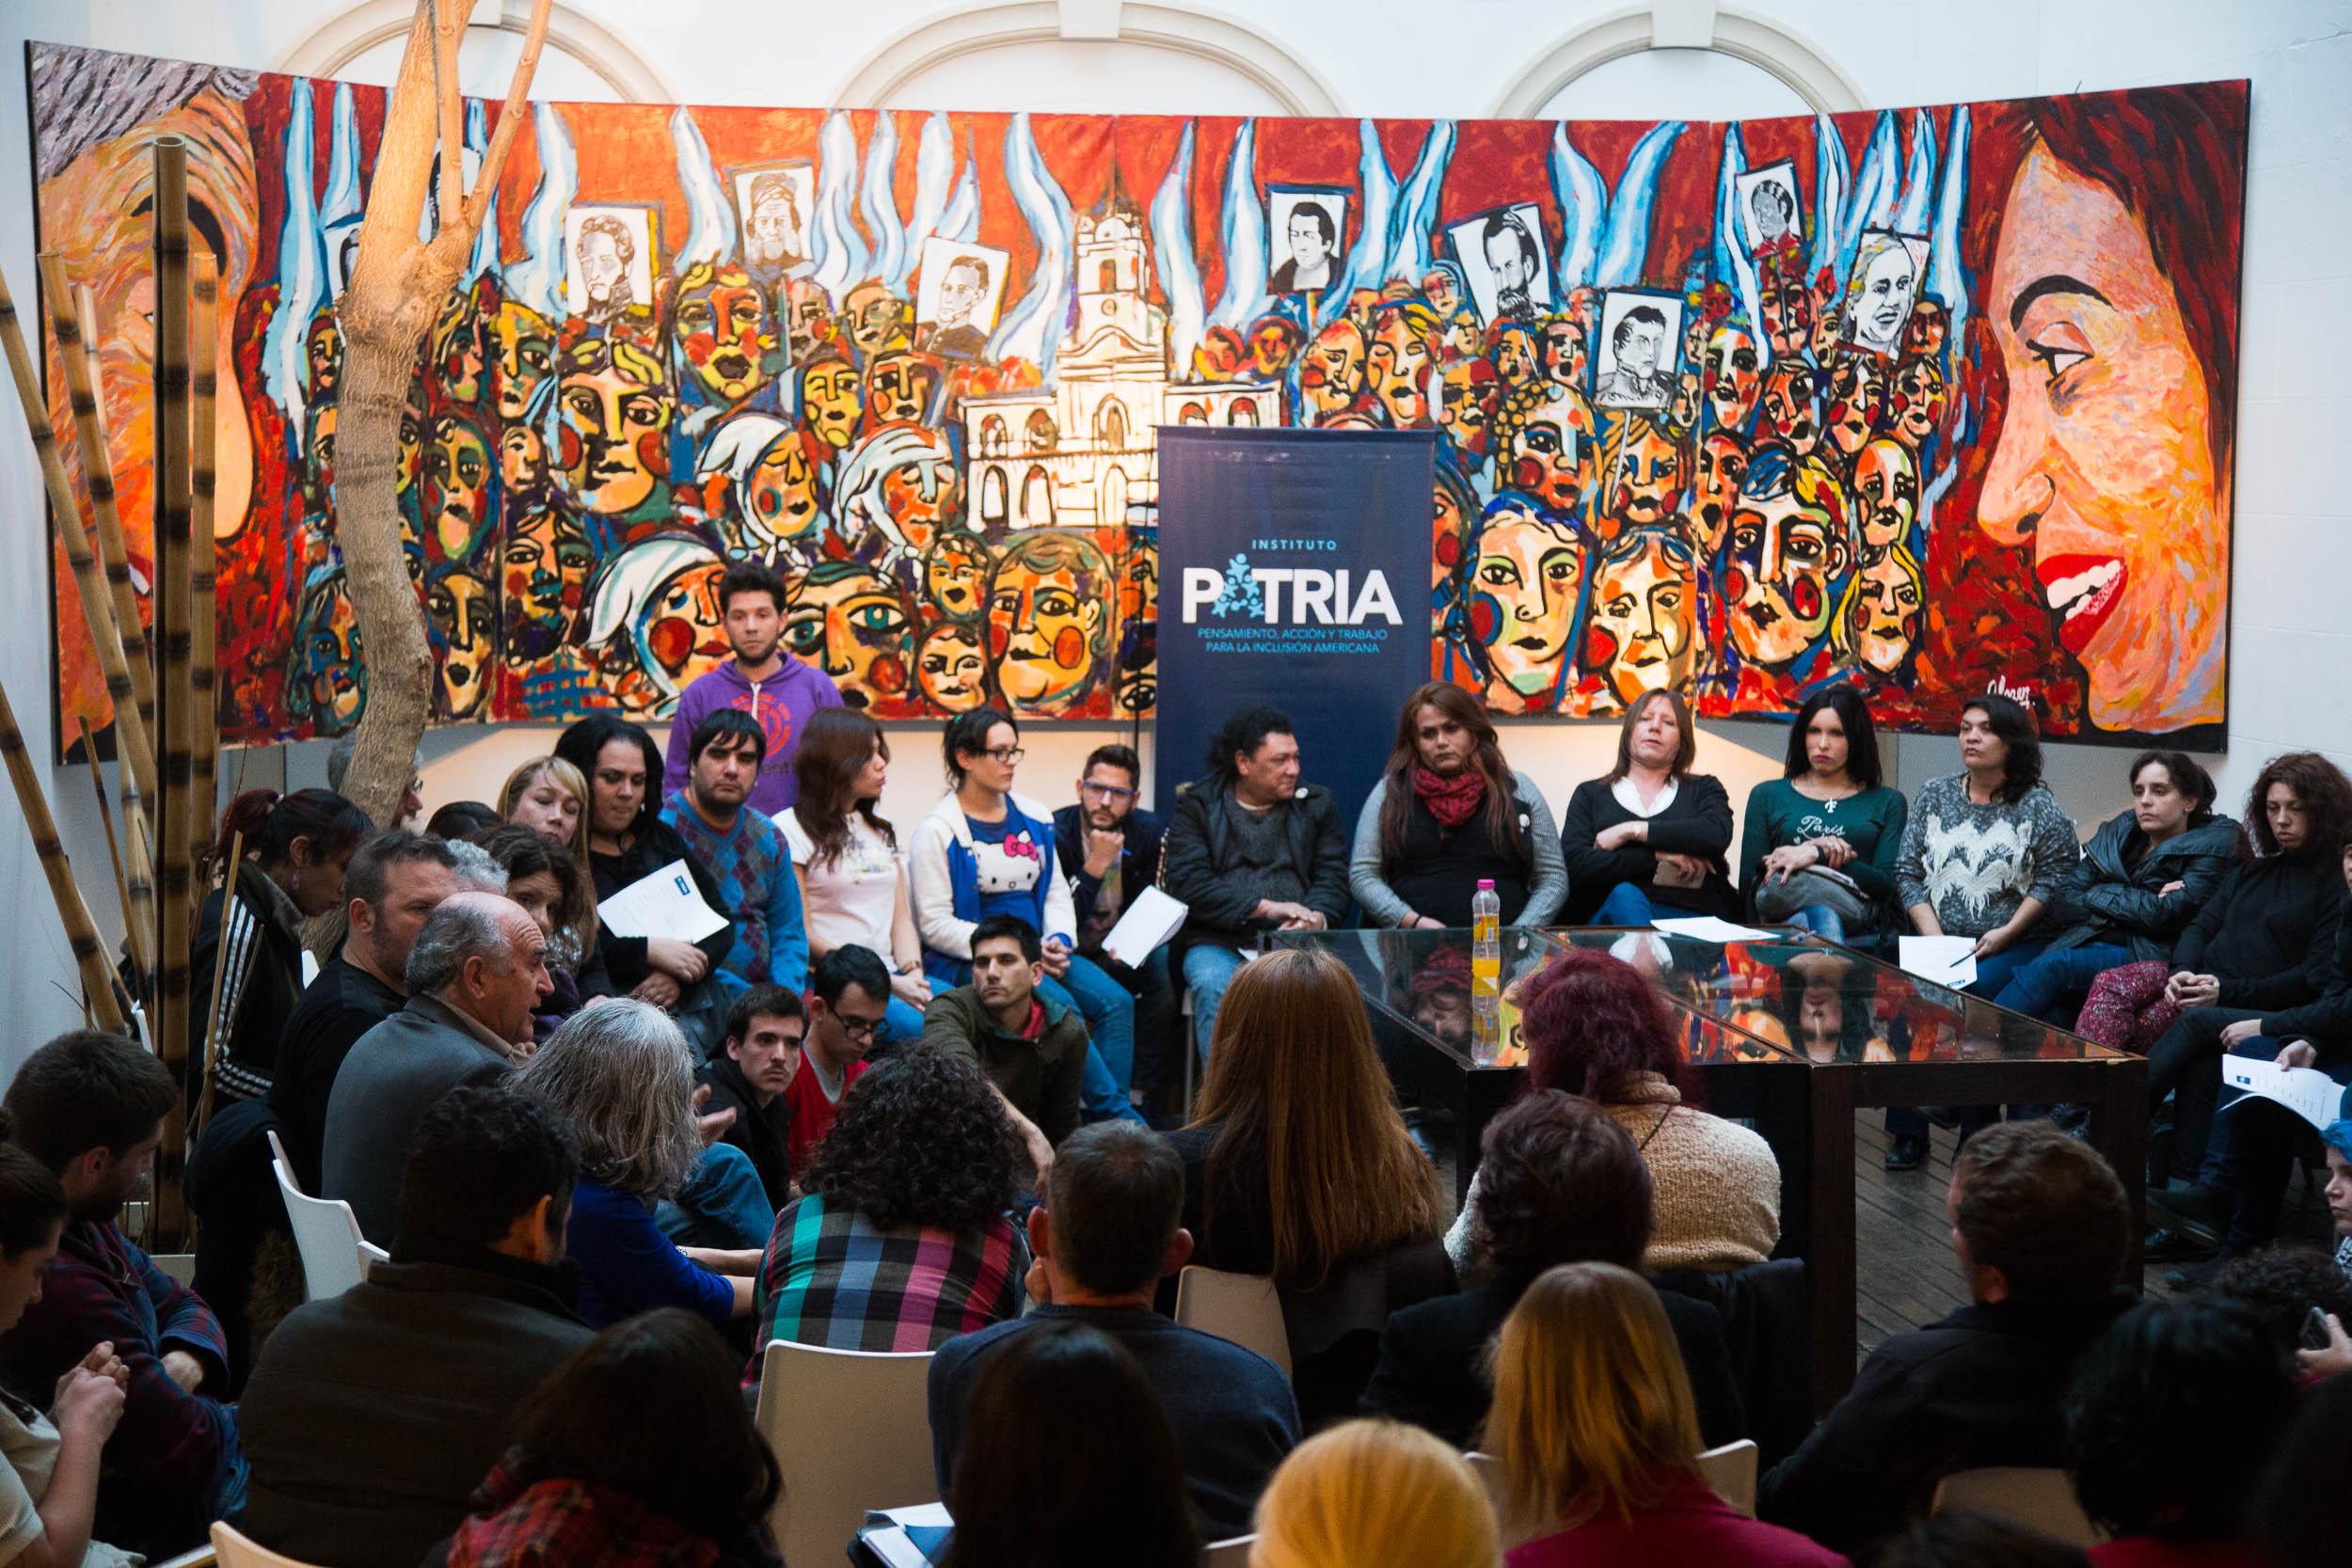 El Instituto Patria recibió a referentes de organizaciones de diversidad sexual